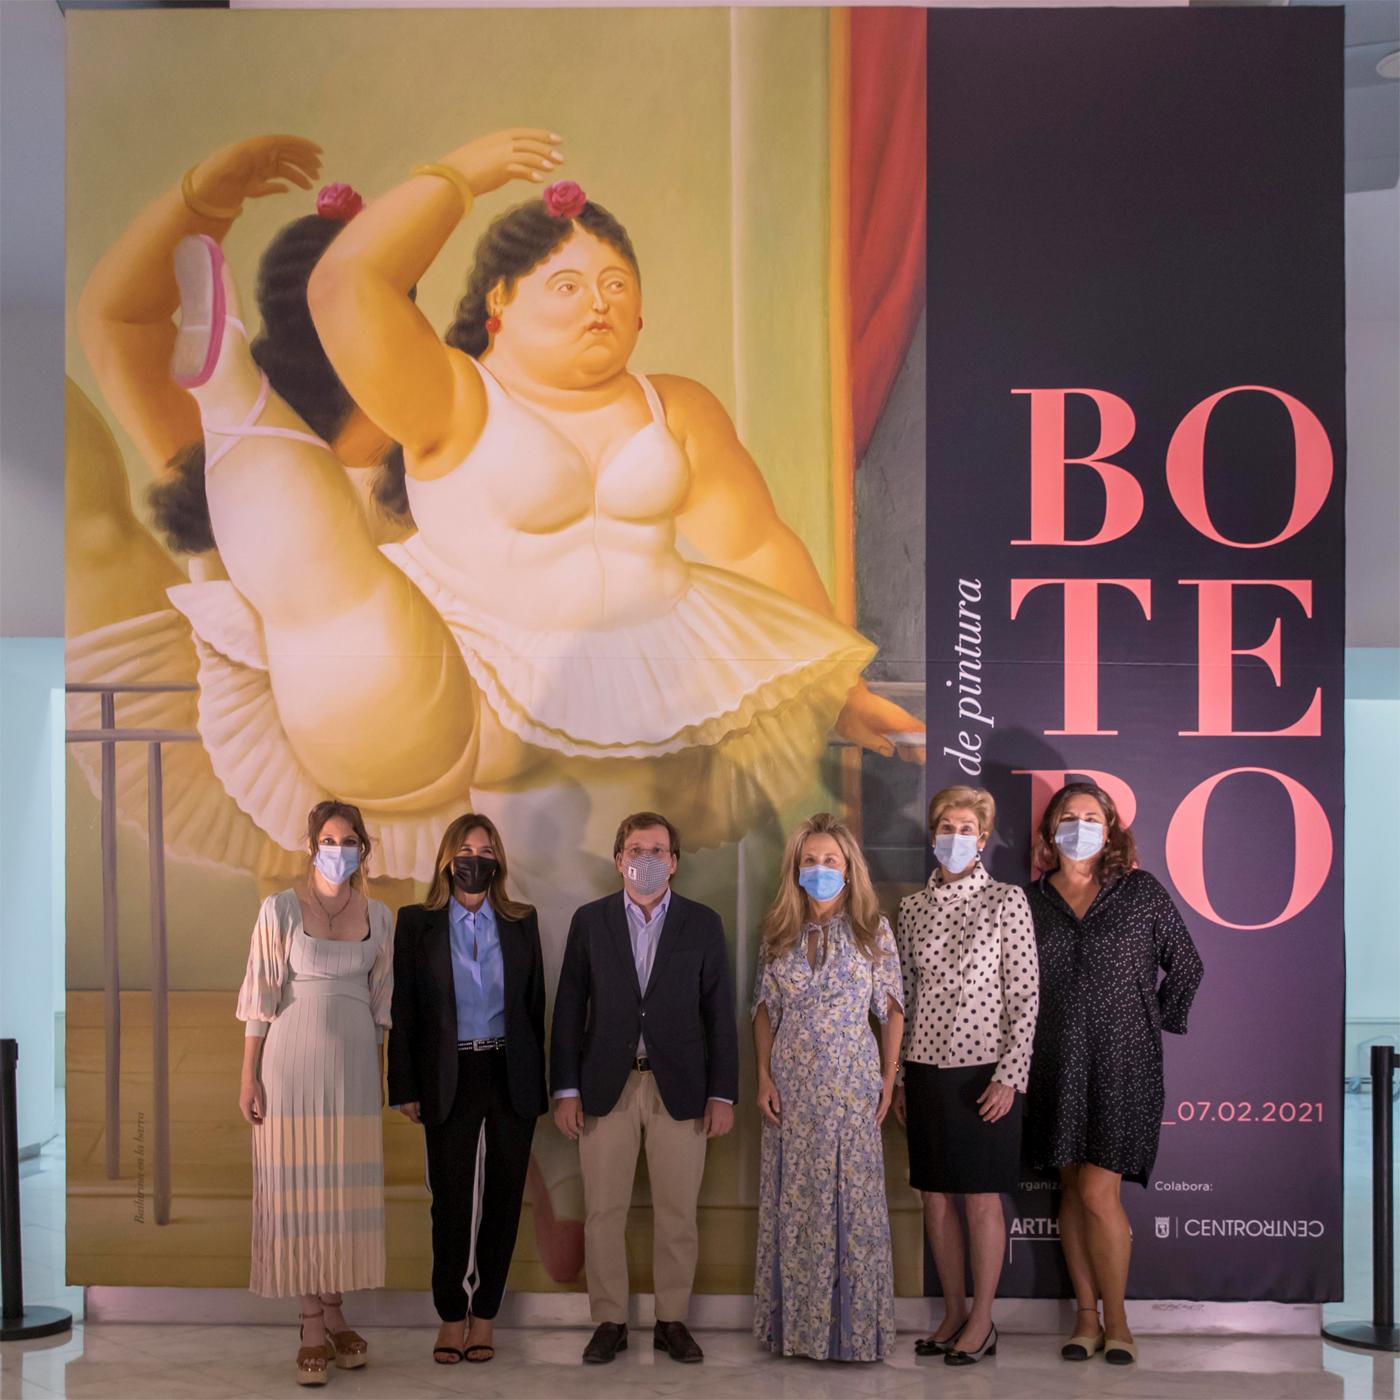 Embajadora Carolina Barco acompañó la presentación en Madrid de la exposición Botero, o60 años de pintura, del maestro colombiano Fernando